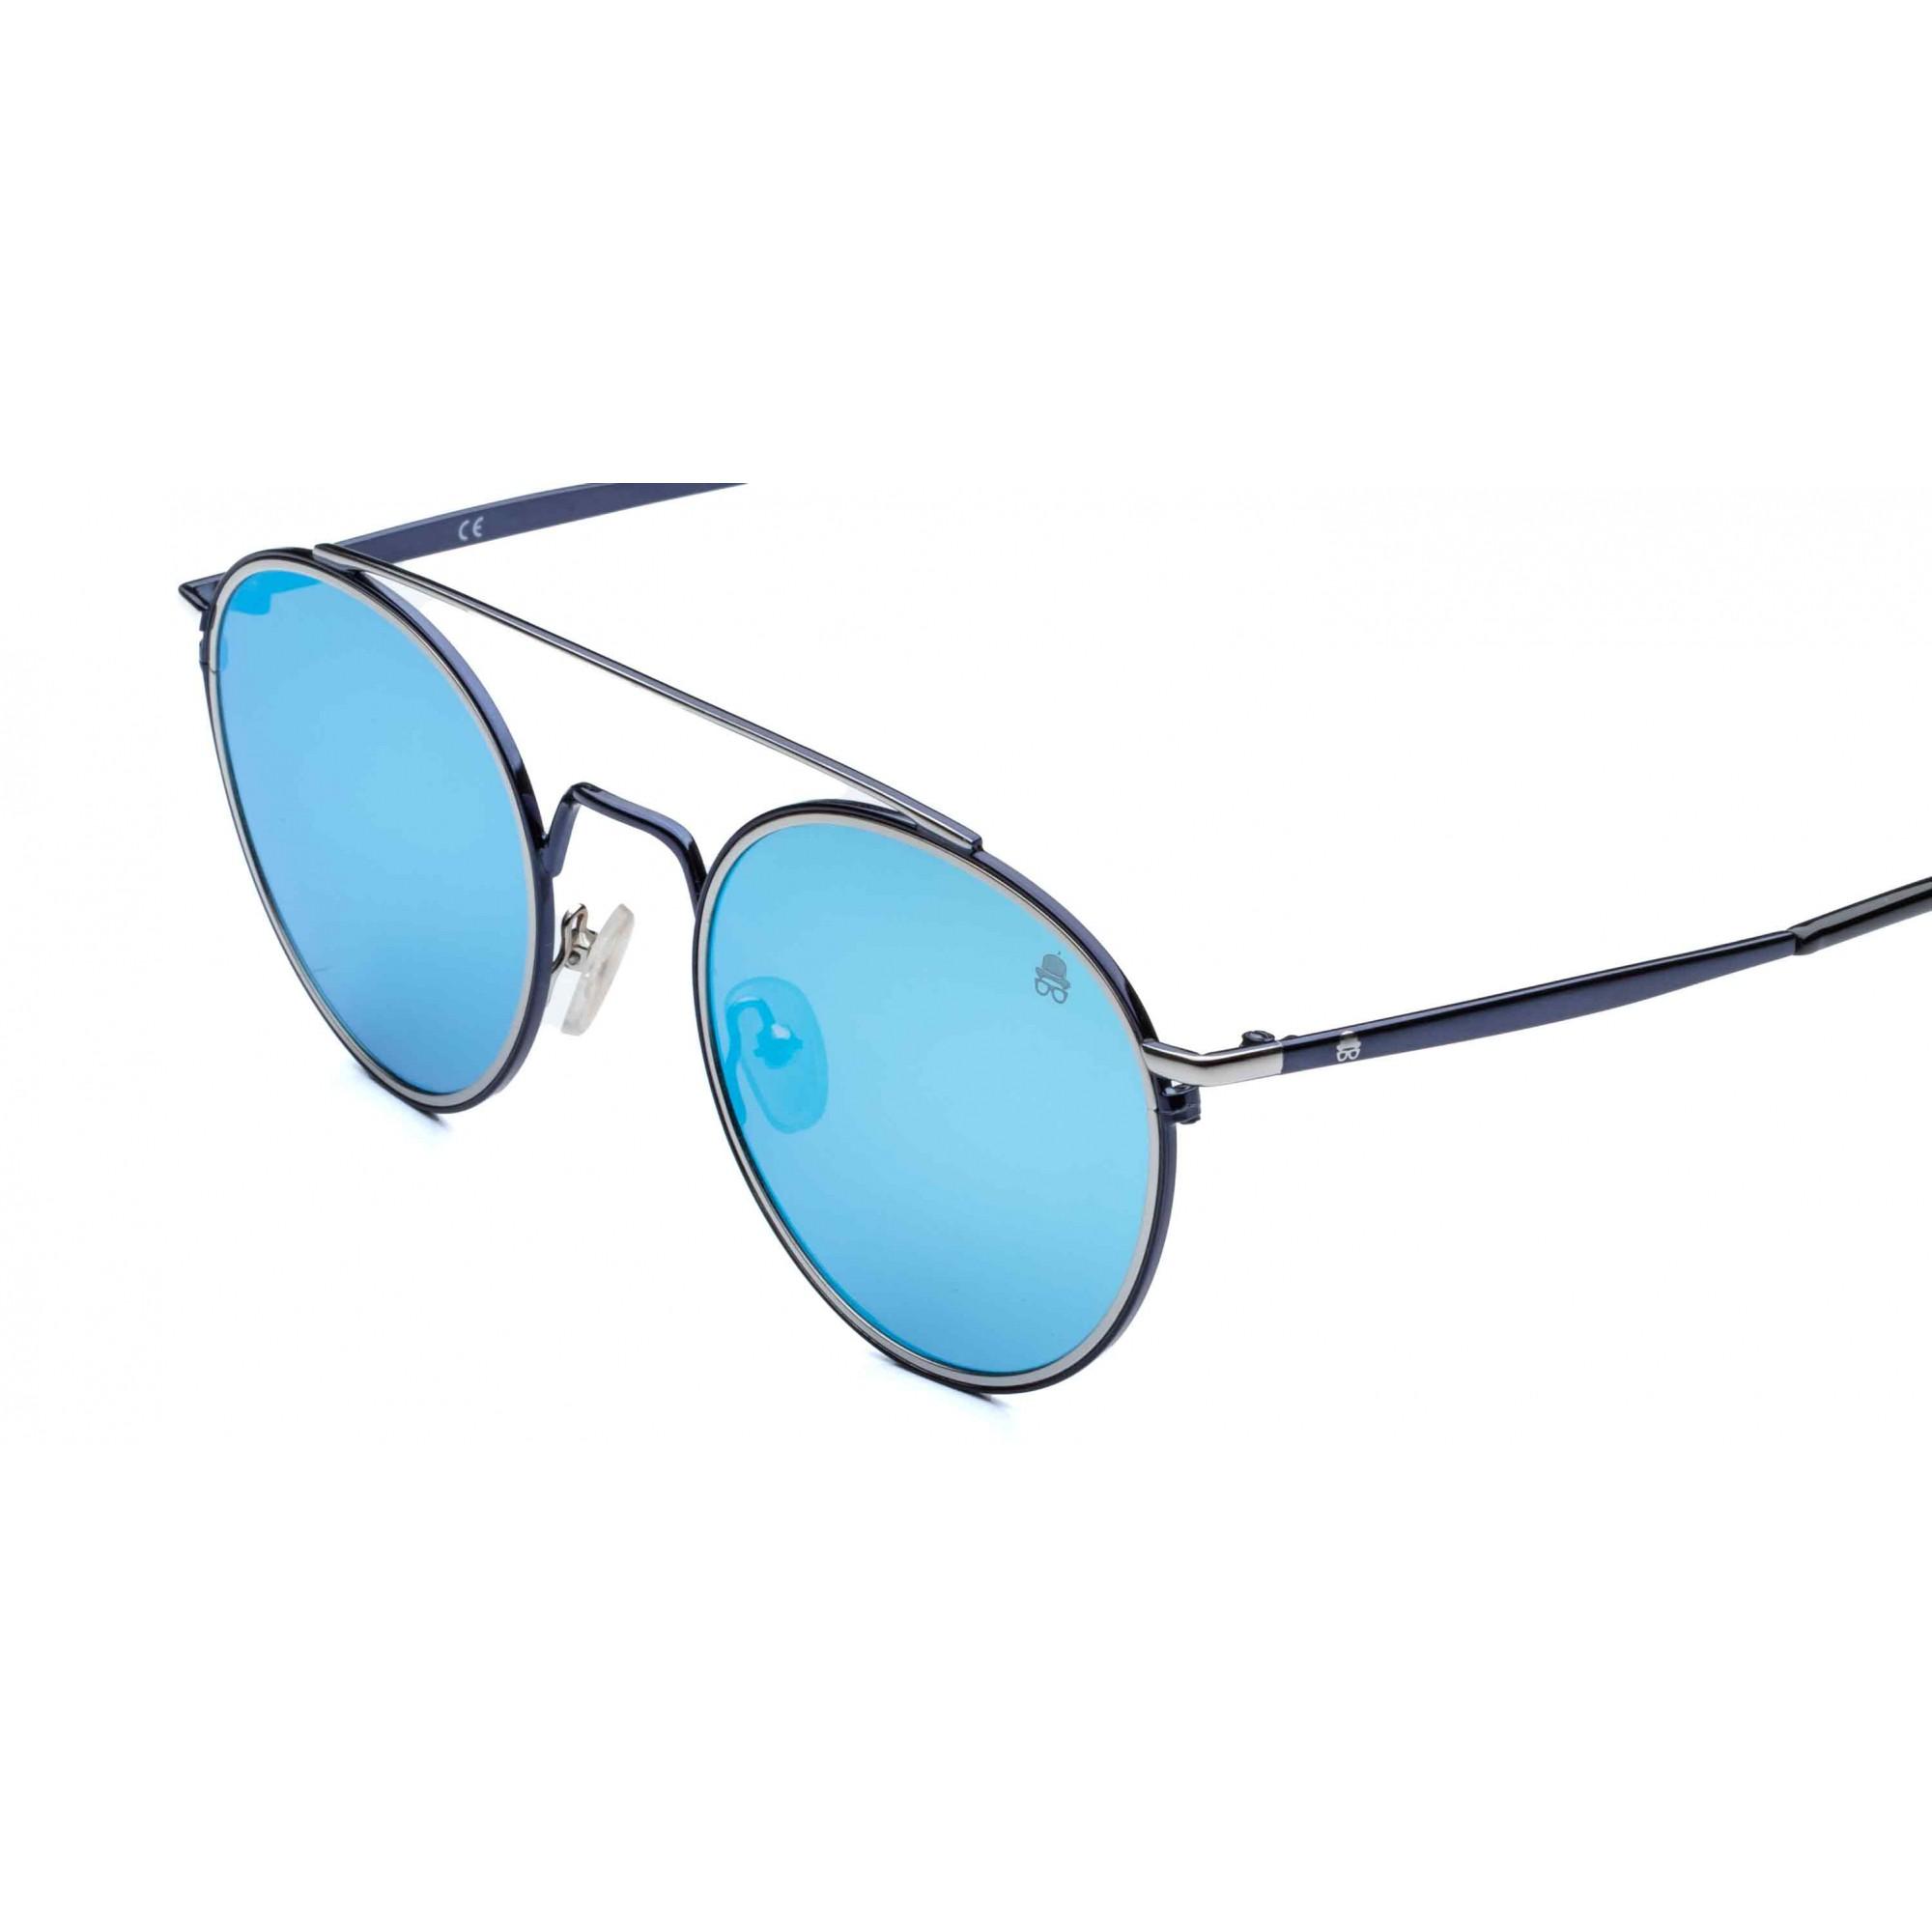 Óculos de Sol Vayne + Lente Solar com Grau